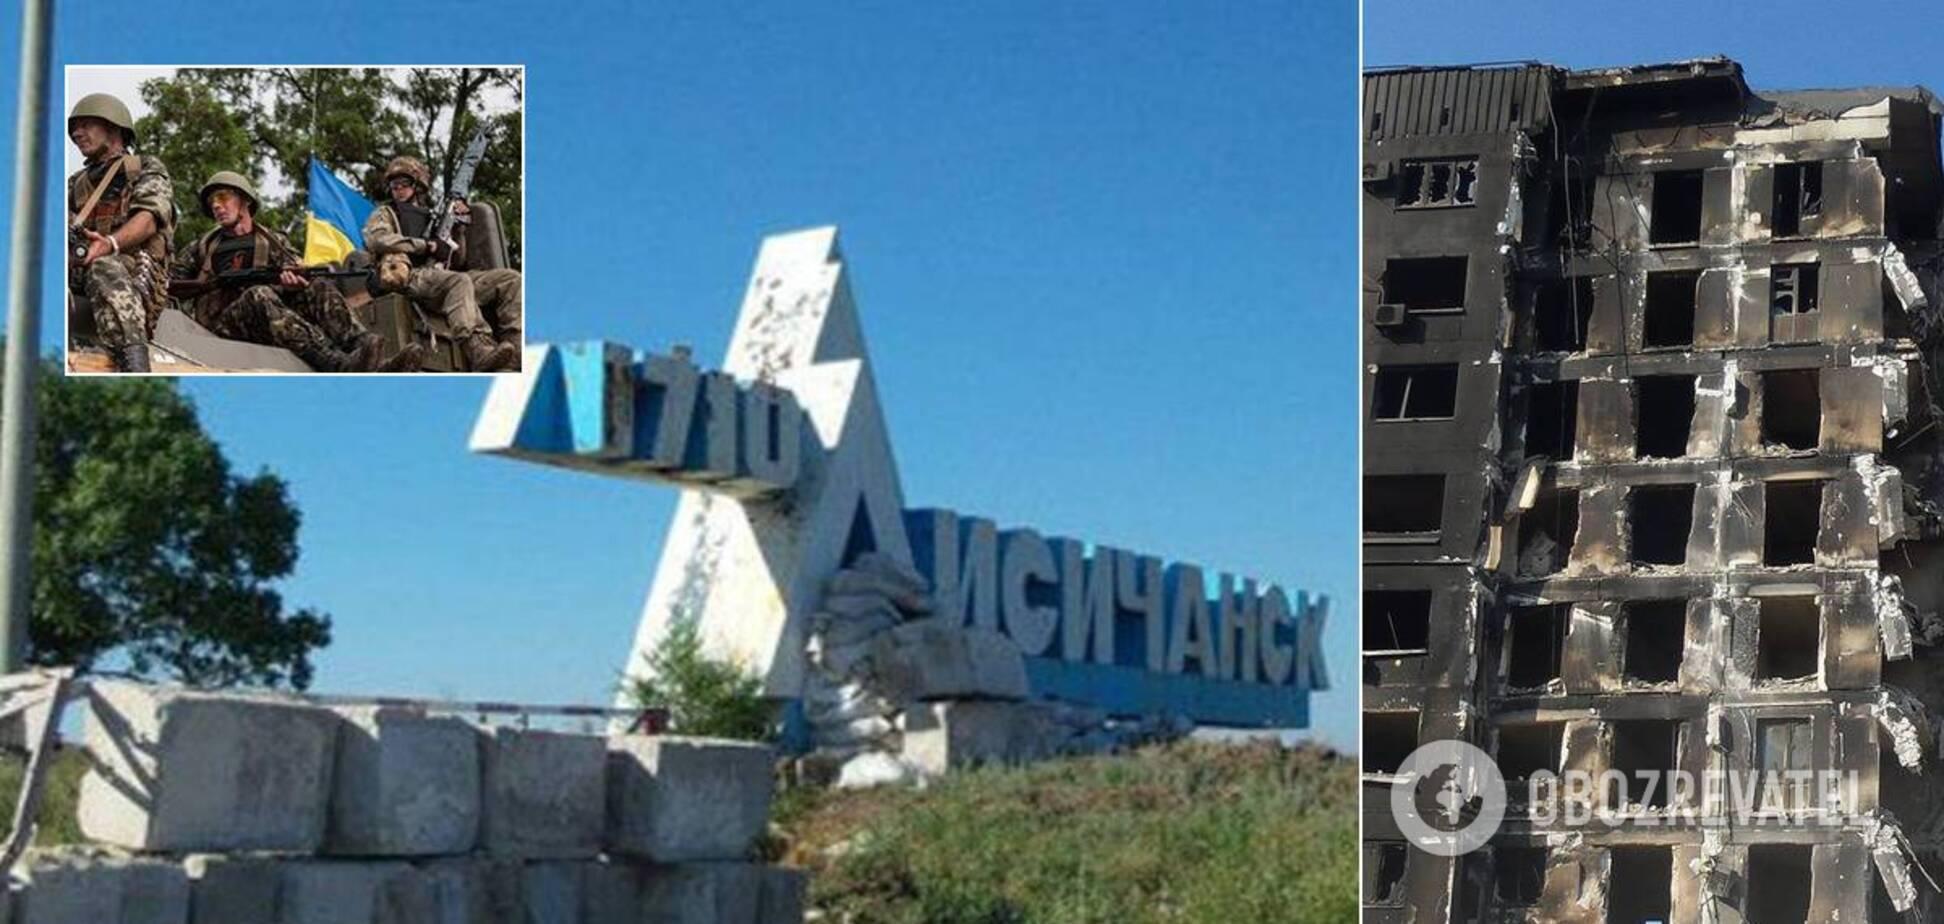 Шестая годовщина освобождения Лисичанска: в СБУ напомнили о зверствах террористов 'ЛНР'